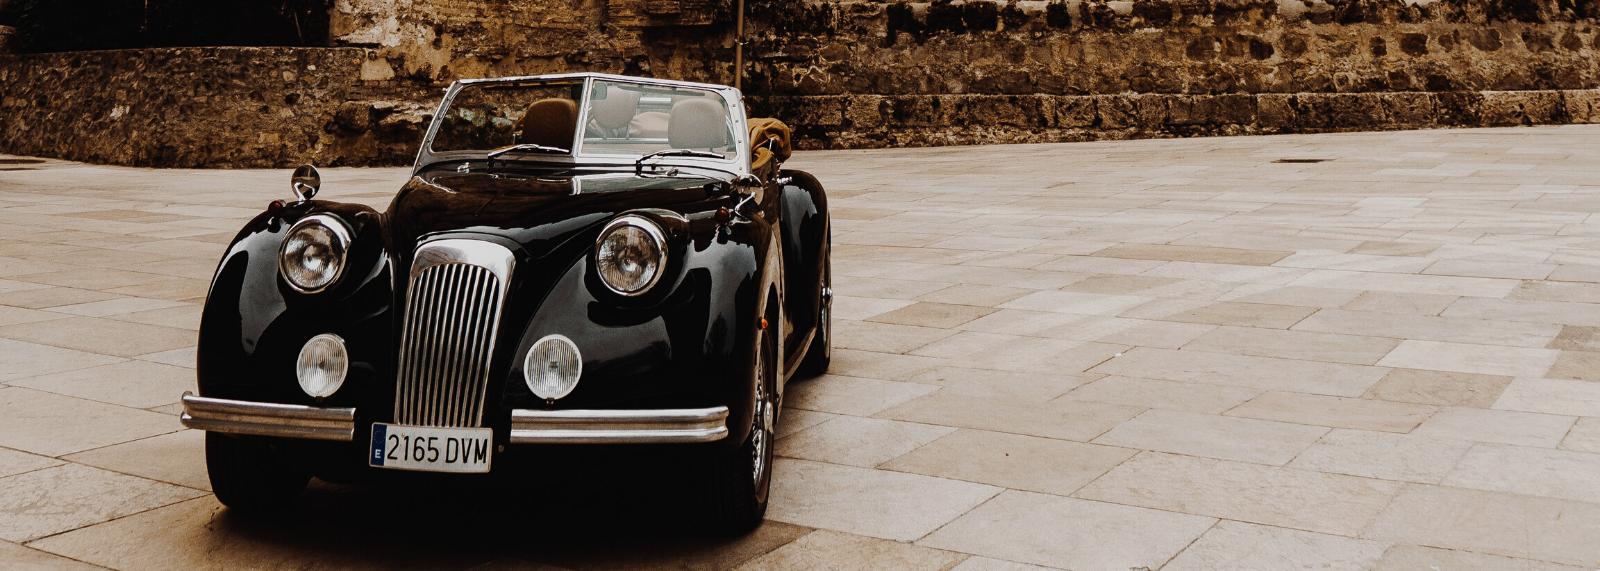 Aggiorniamo la carta di circolazione di veicoli storici: scegli Autoteam